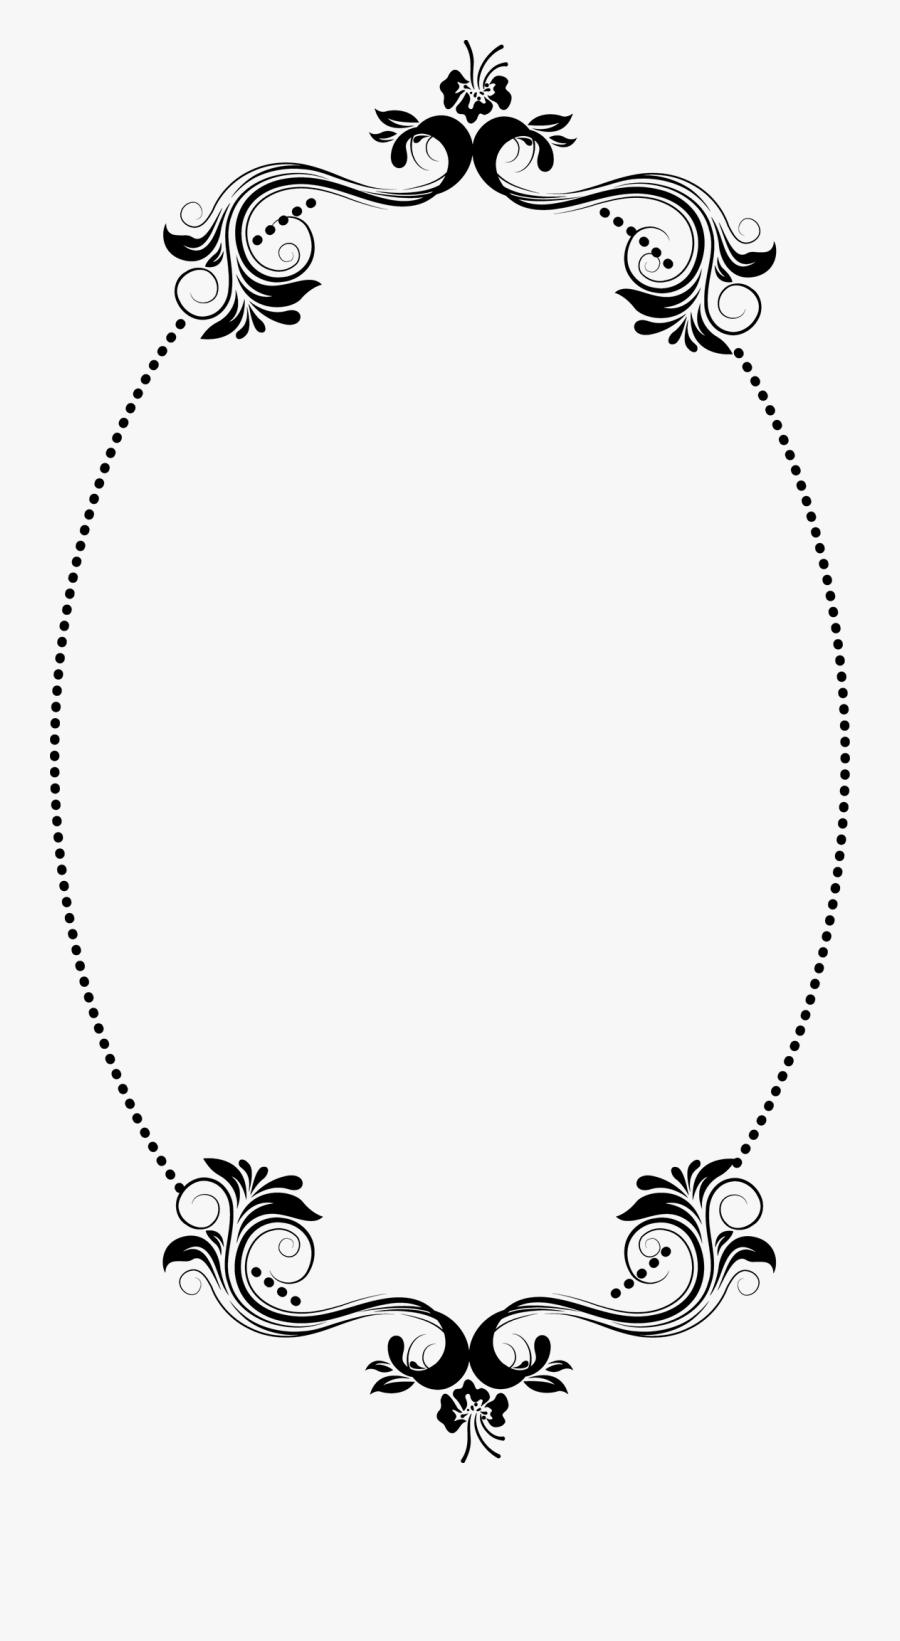 Black Oval Frame Png - Illustration, Transparent Clipart